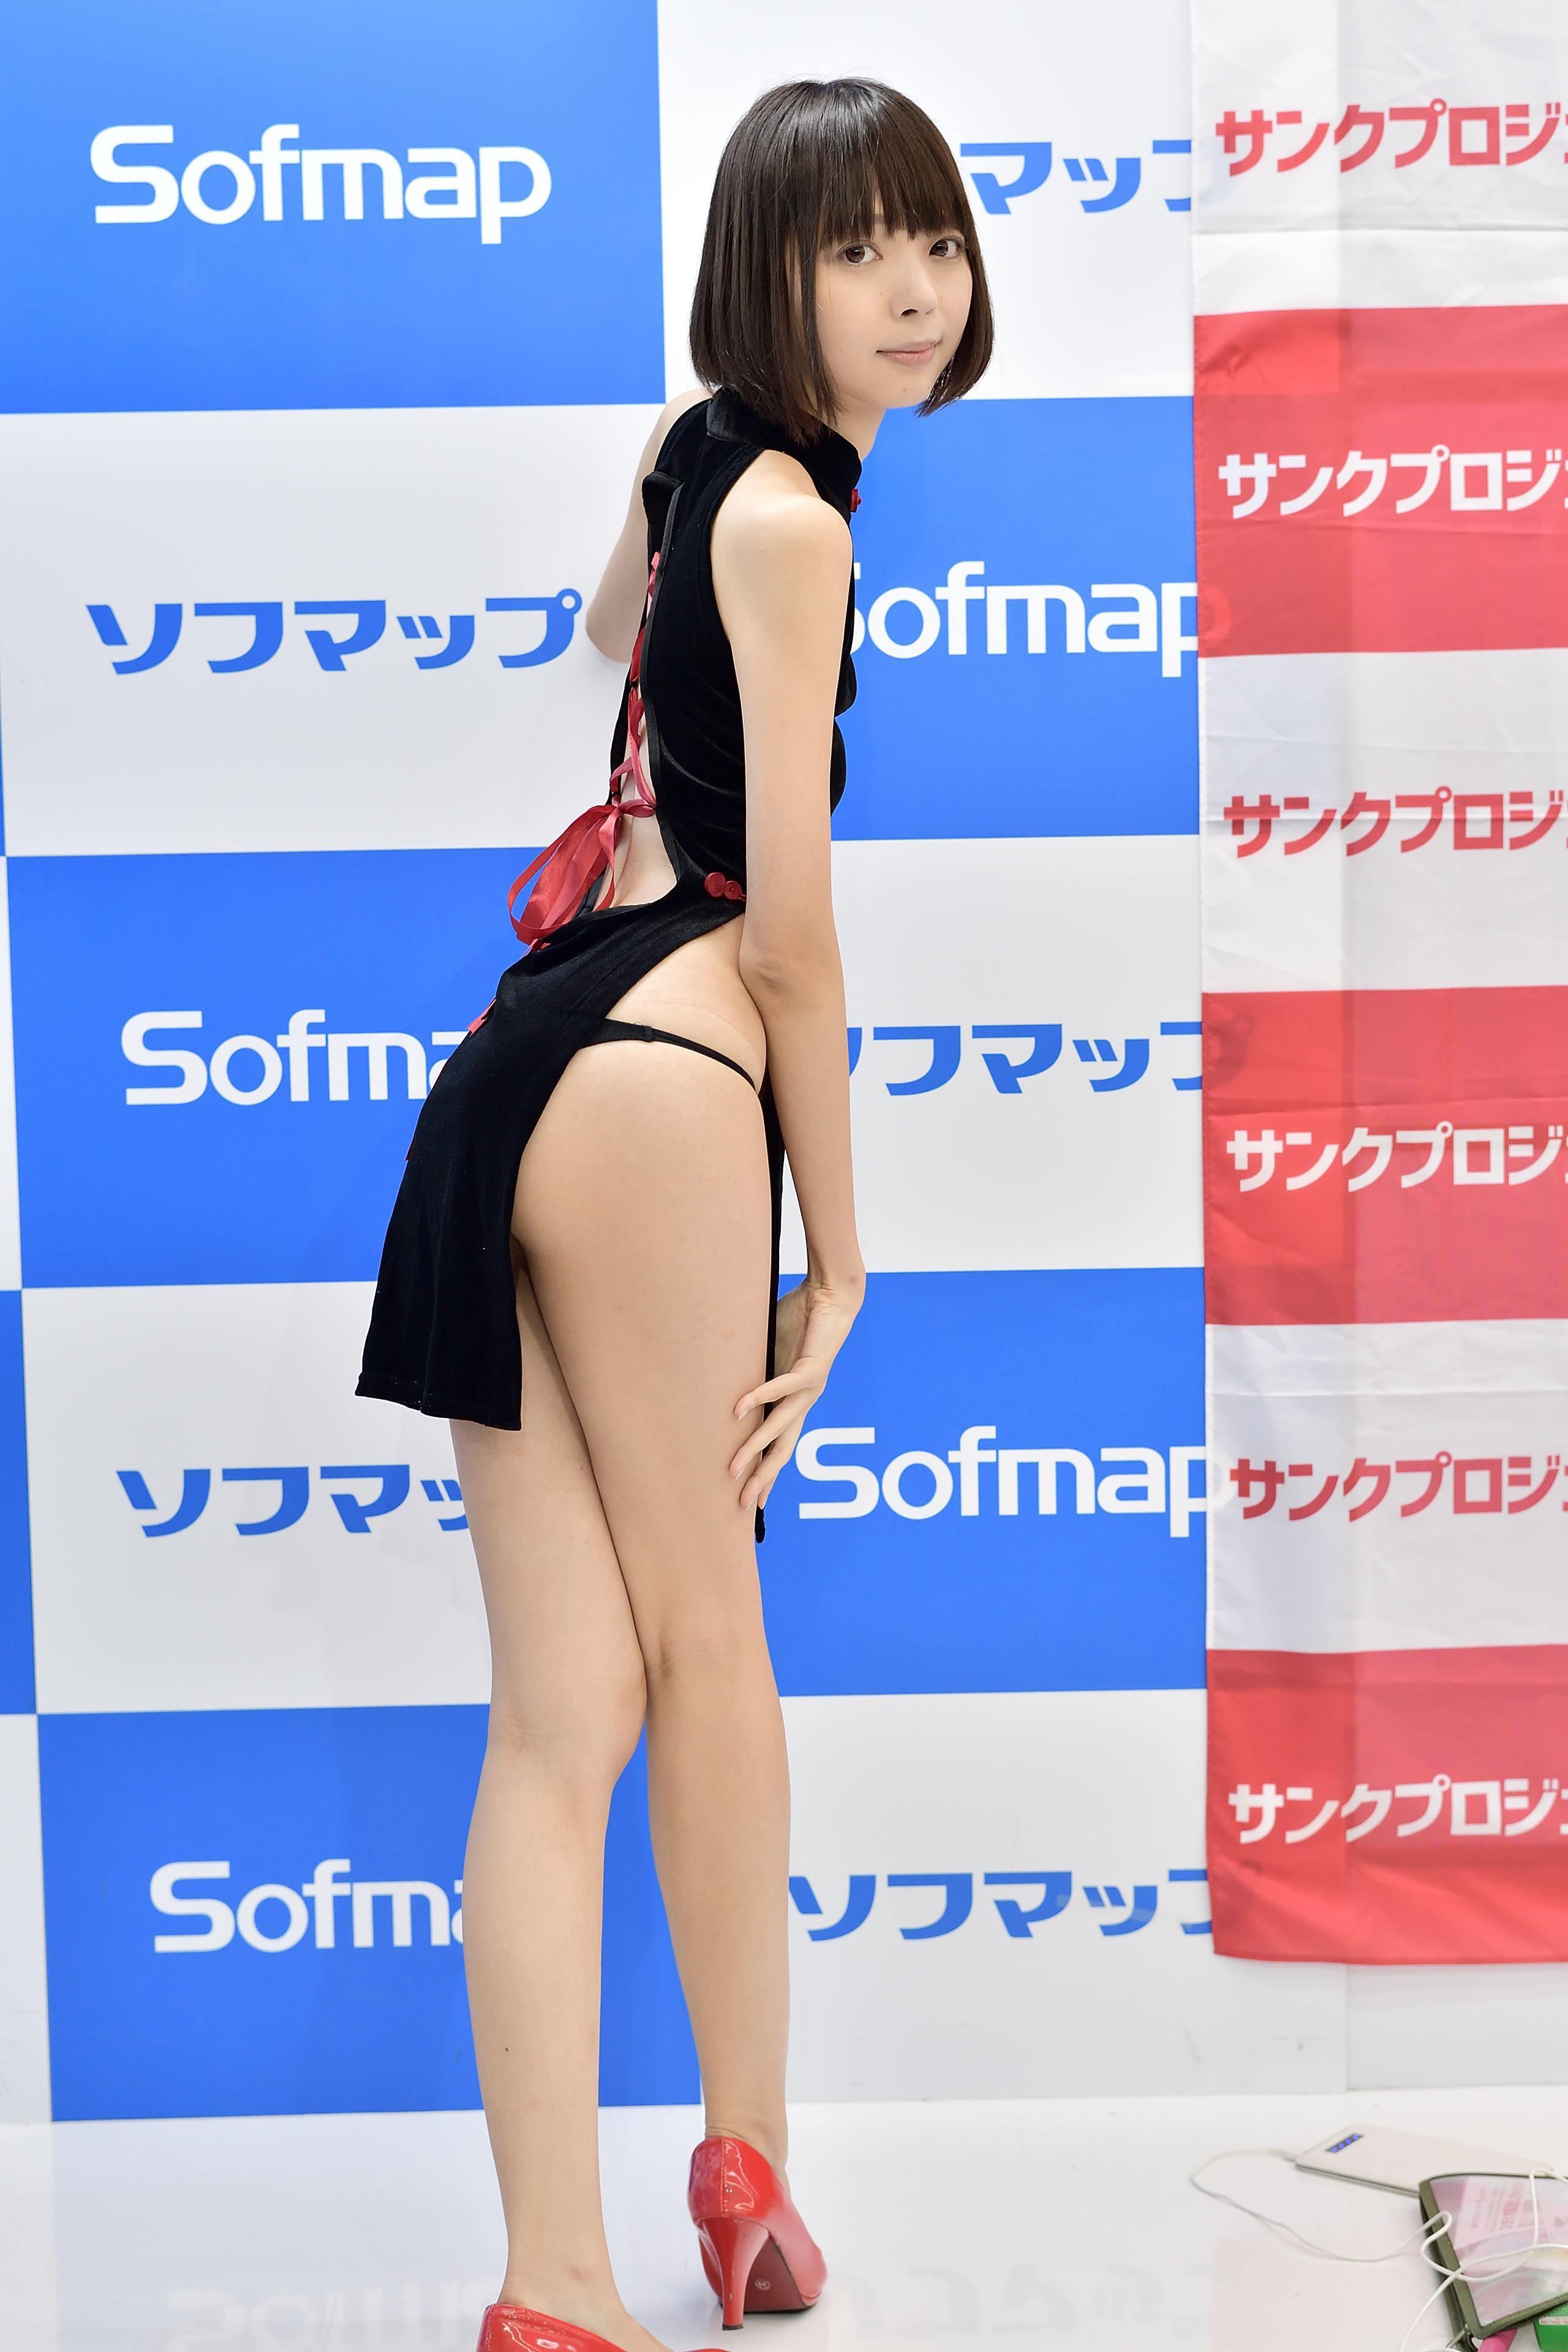 2019年06月14日ソフマップ4号館8階撮影会報告_e0194893_20294141.jpg